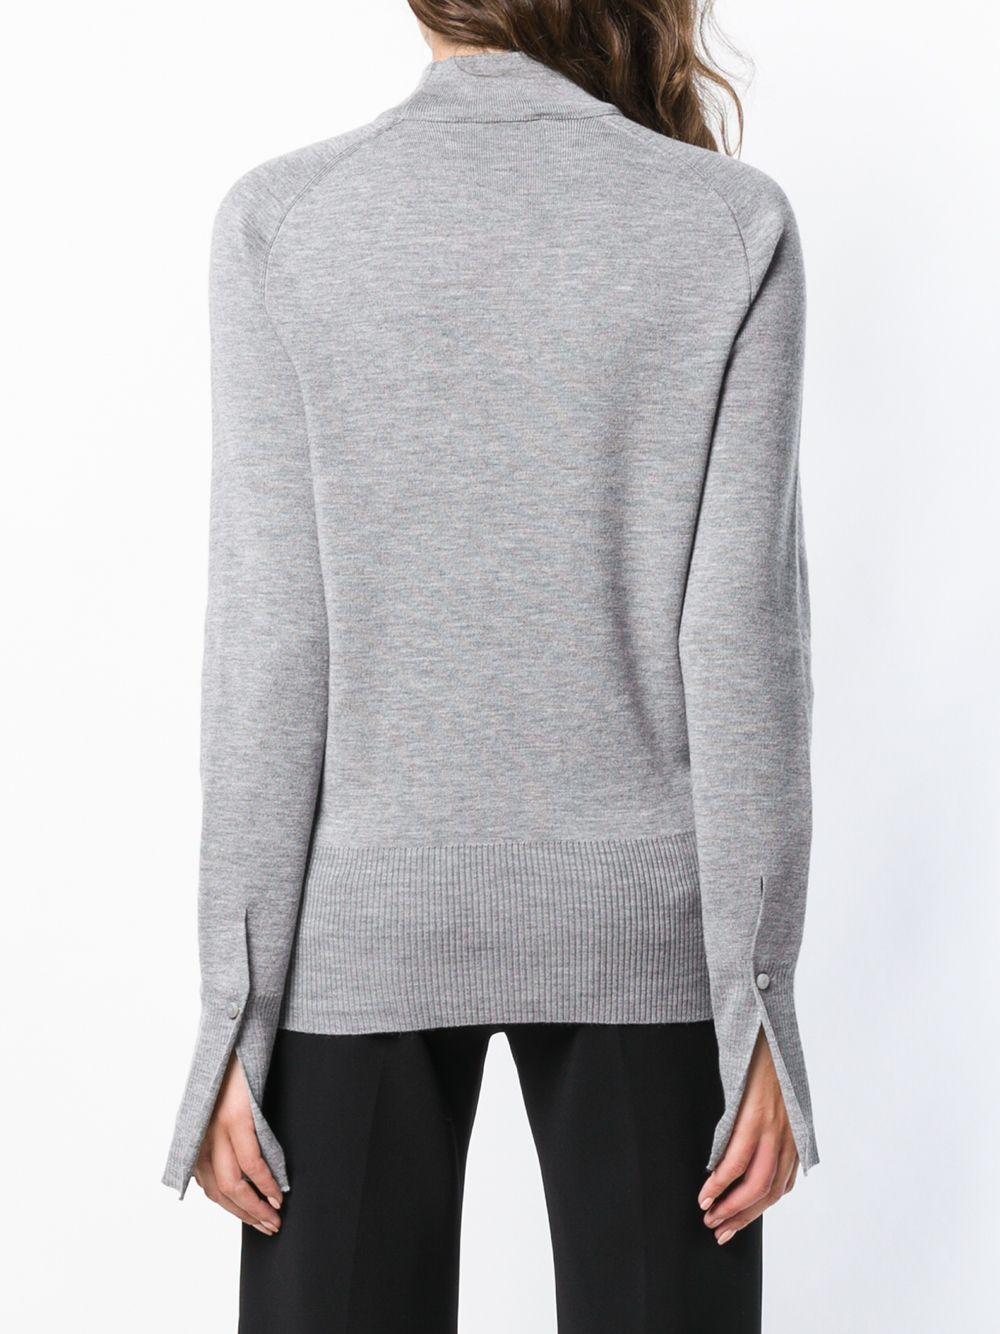 Chloé   свитер с воротником с вырезной деталью   Clouty